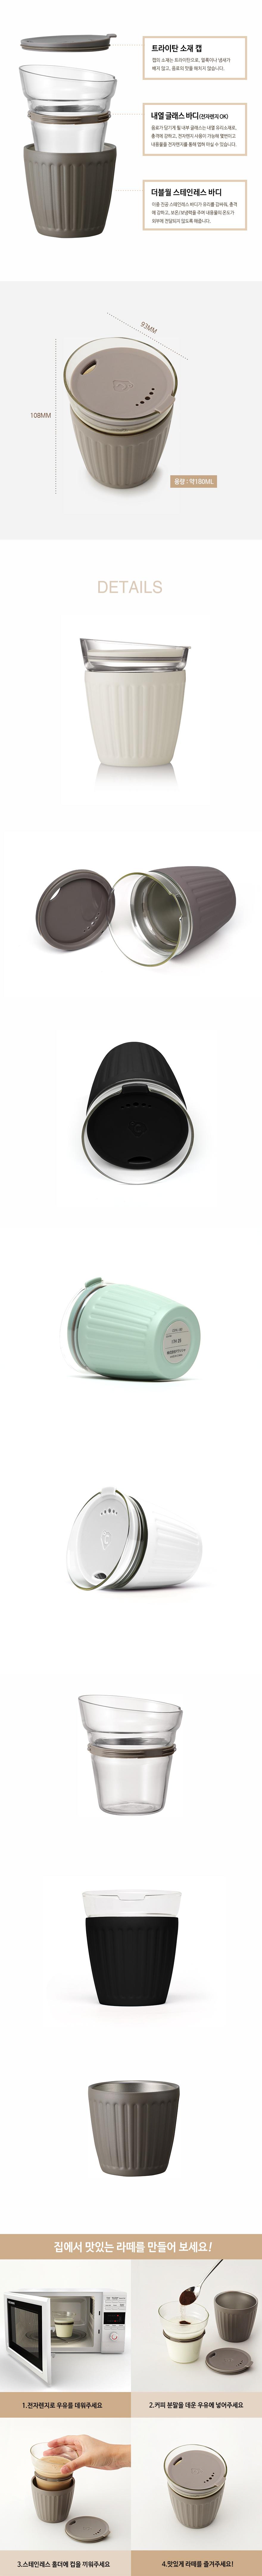 더블월 보온보냉 글라스 라떼컵_블랙 - 기커스, 24,800원, 유리컵/술잔, 유리컵